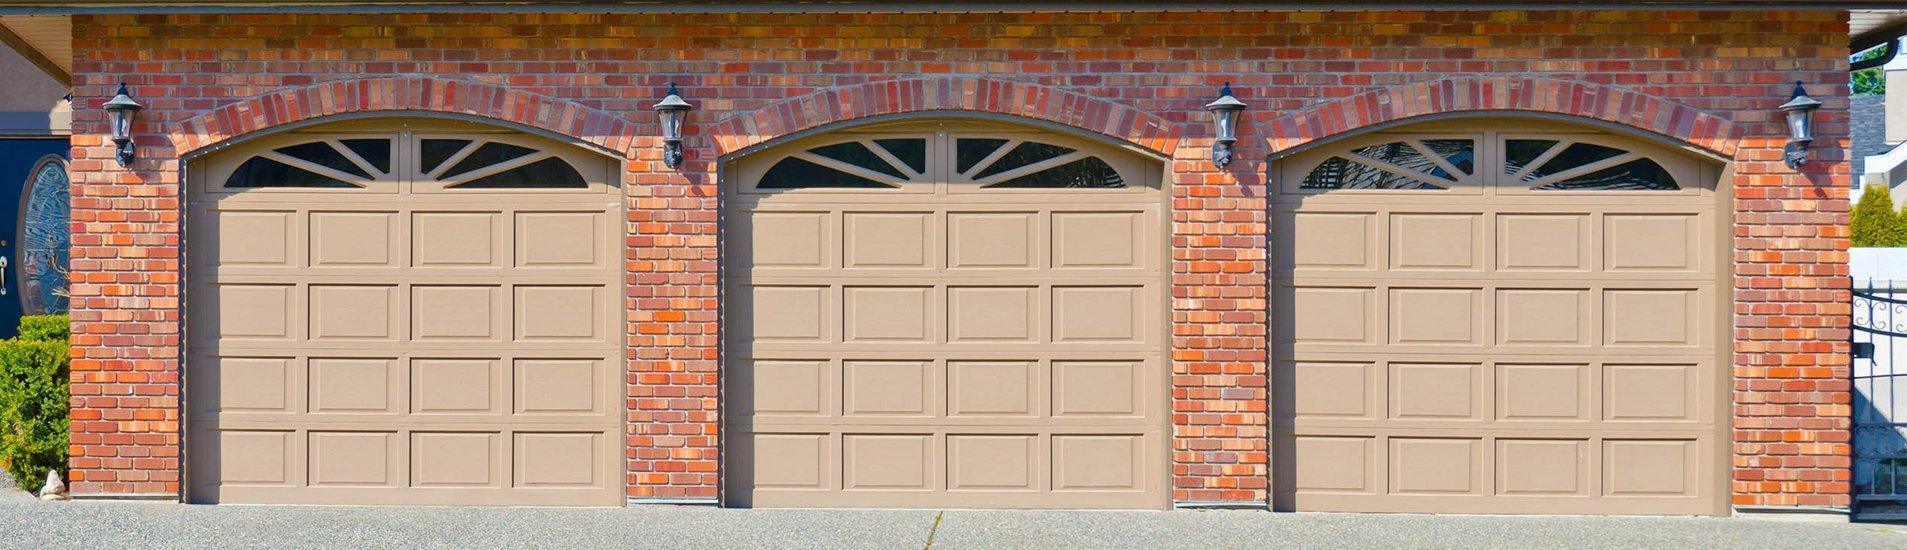 Capital City Garage Doors Garage Door Repairs Cheyenne Wy